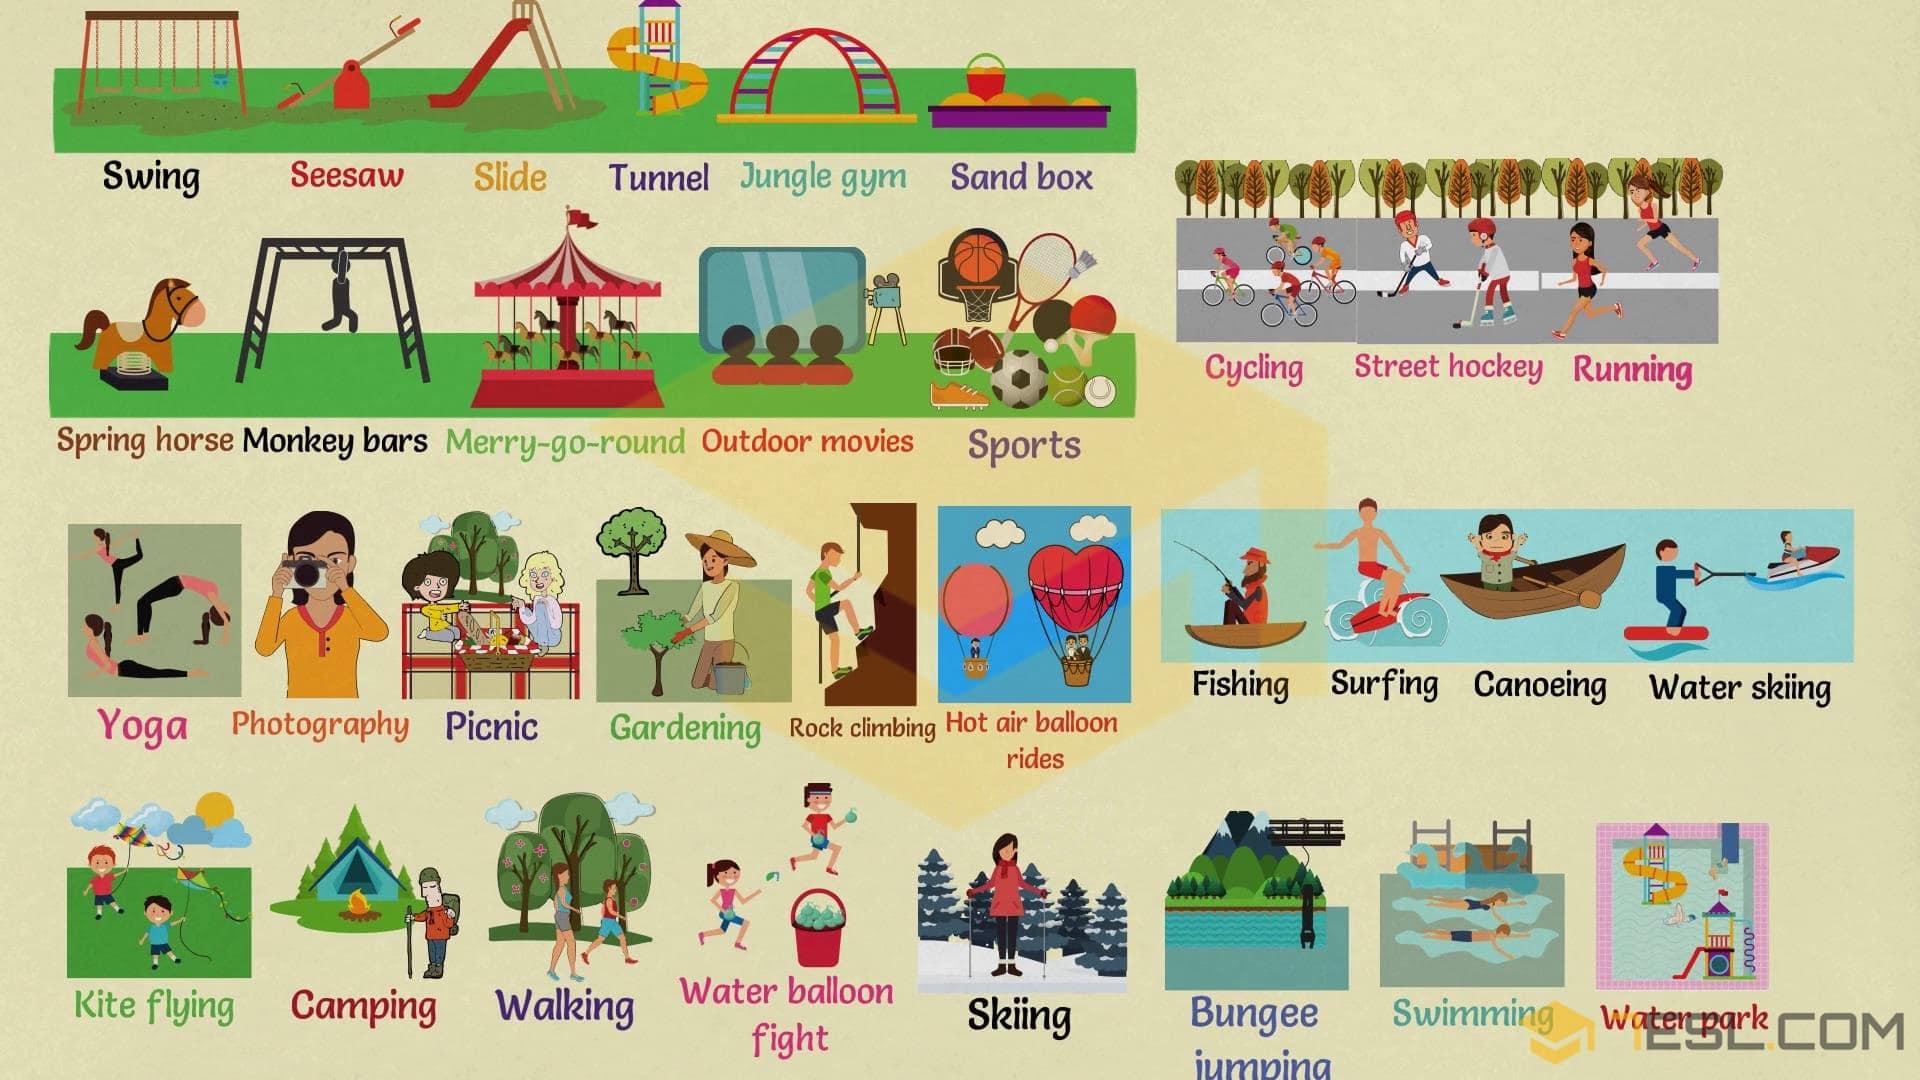 Outdoor Activities: List of Outdoor Activities with Pictures